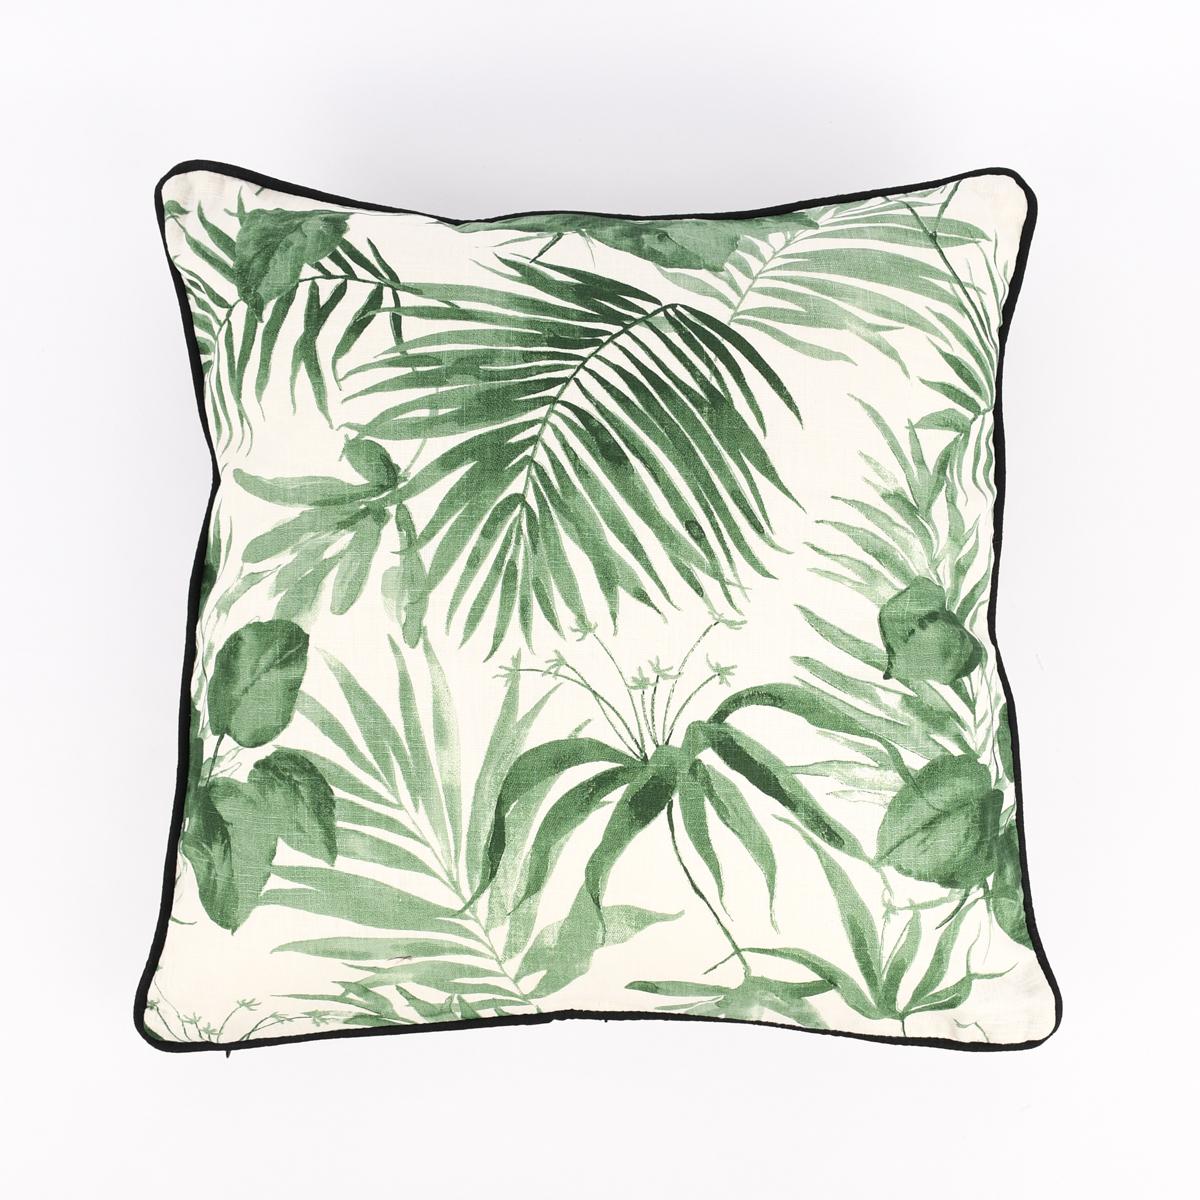 Deko Kissen mit Kederumrandung Palmenblätter weiß schwarz grün 50x50cm